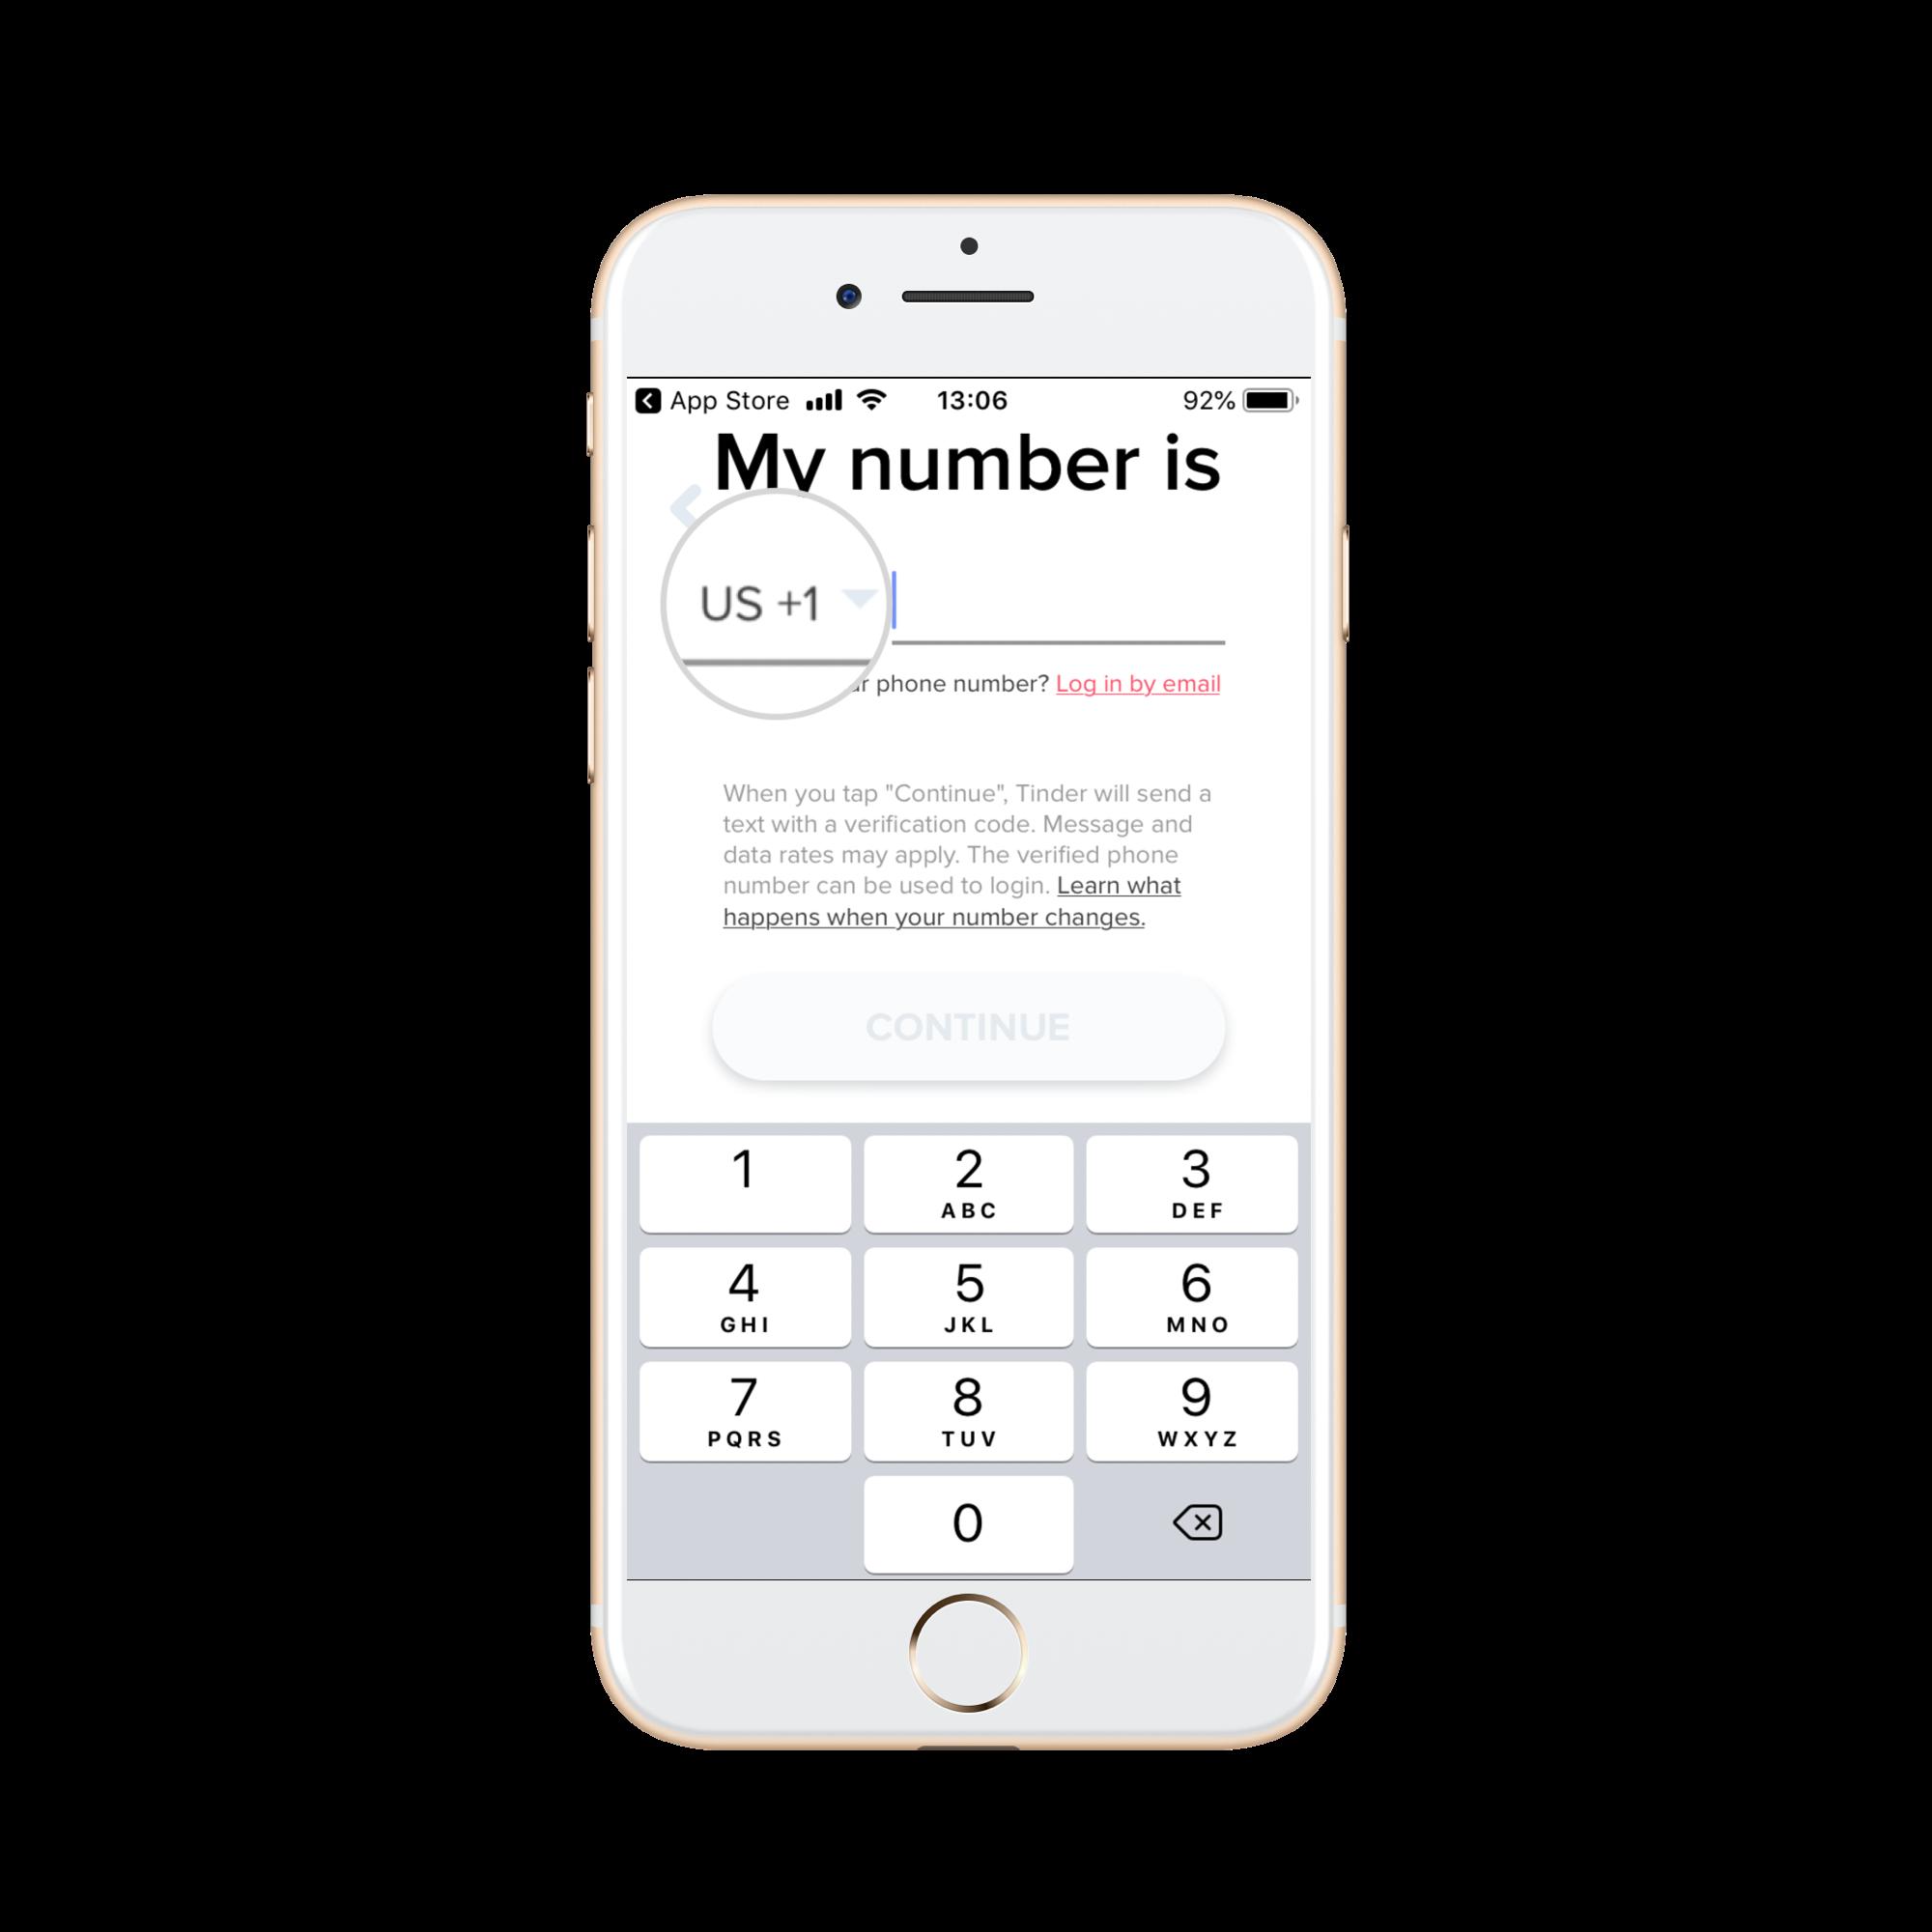 Aplikacije za upoznavanje za iphone 5